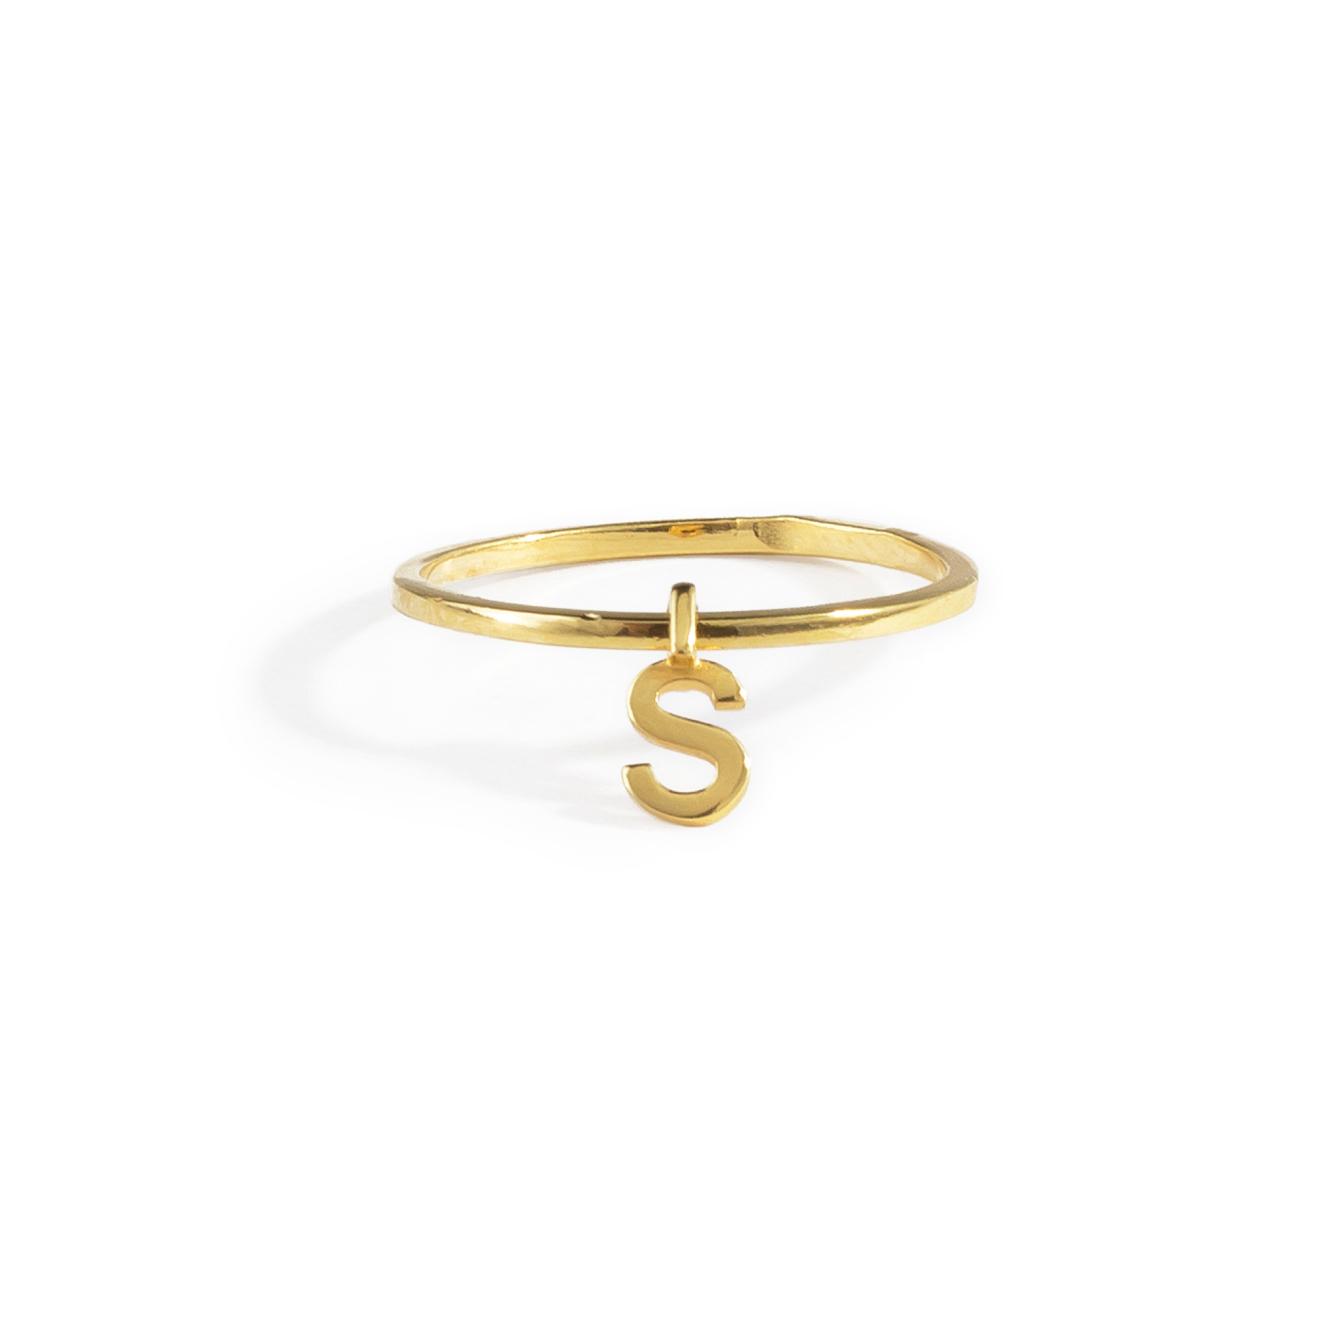 Фото - Ringstone Позолоченное кольцо из серебра с буквой S ringstone жемчужное ожерелье с буквой s ringstone